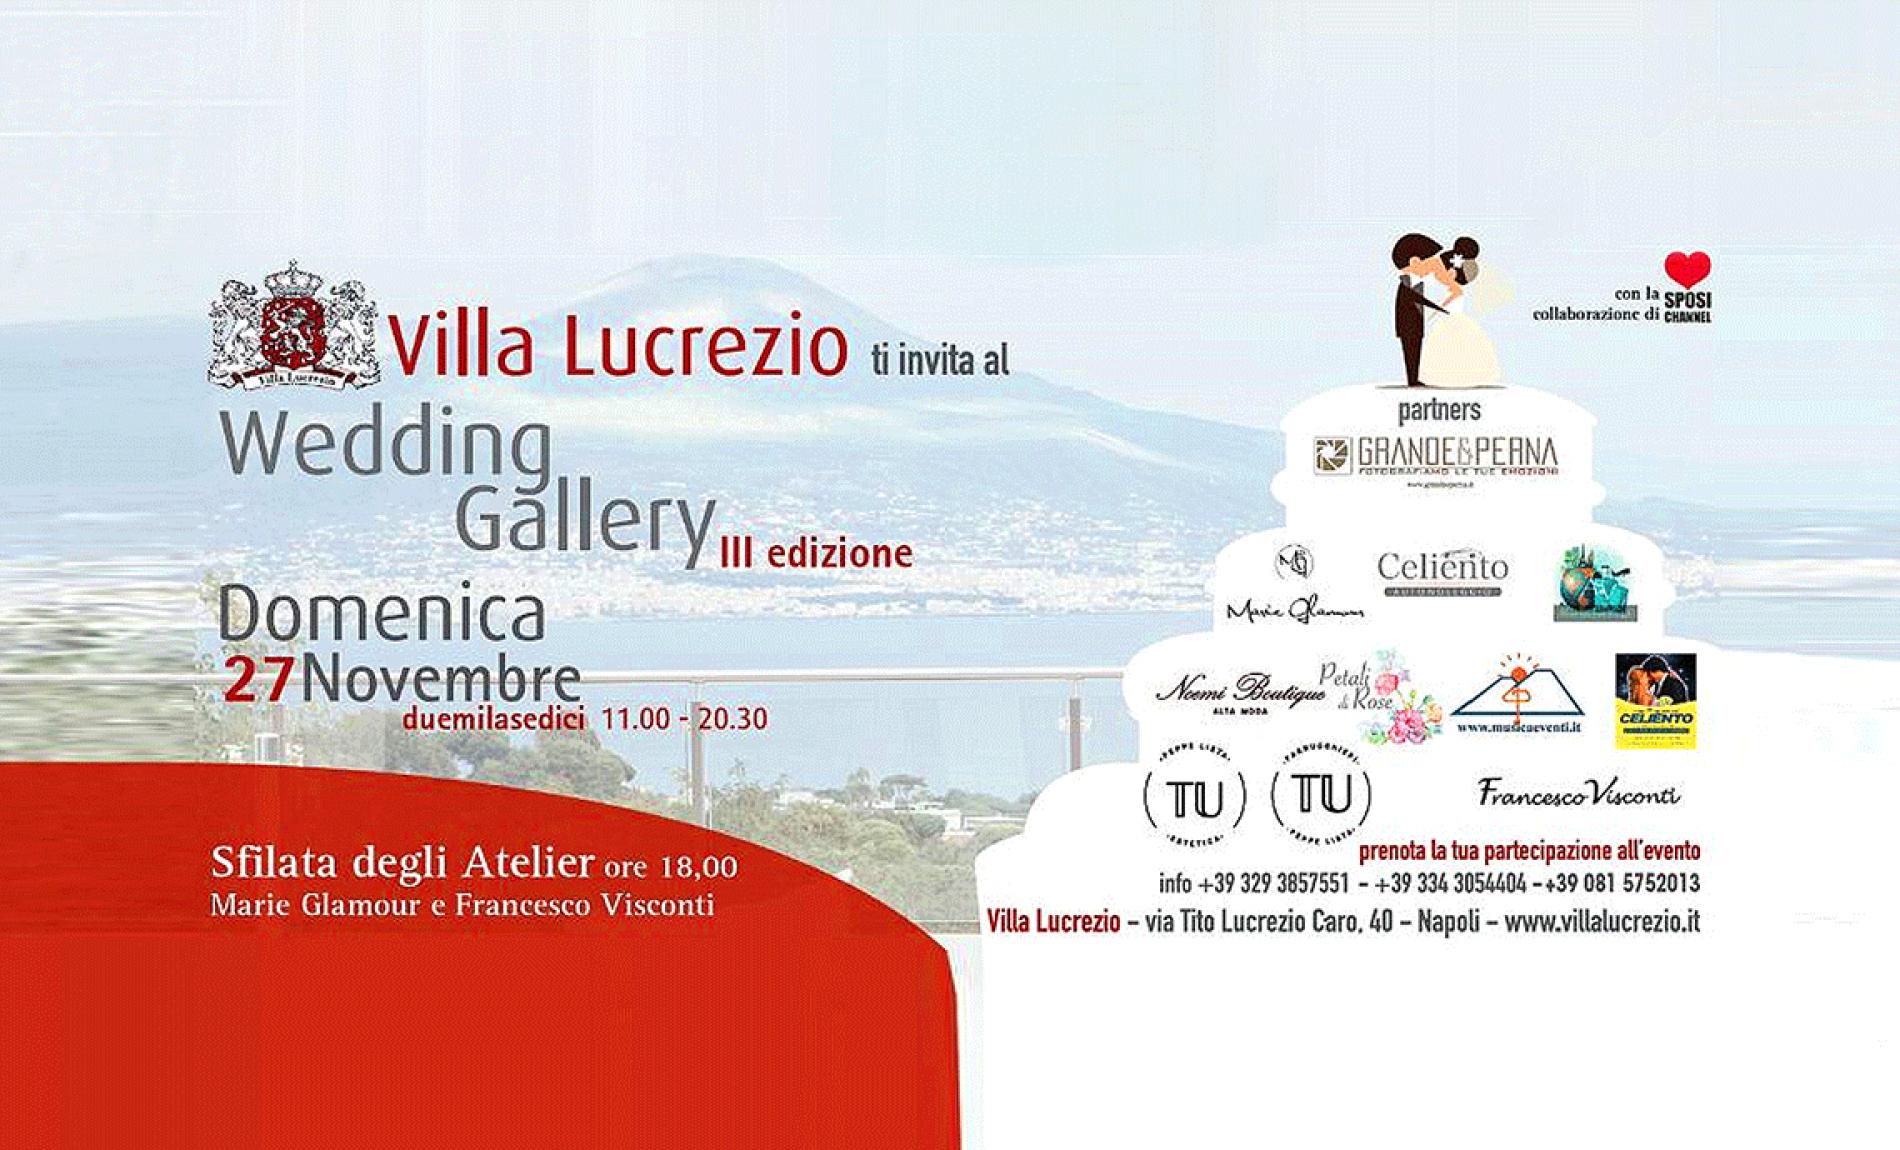 Presenti alla Wedding Gallery a Villa Lucrezio